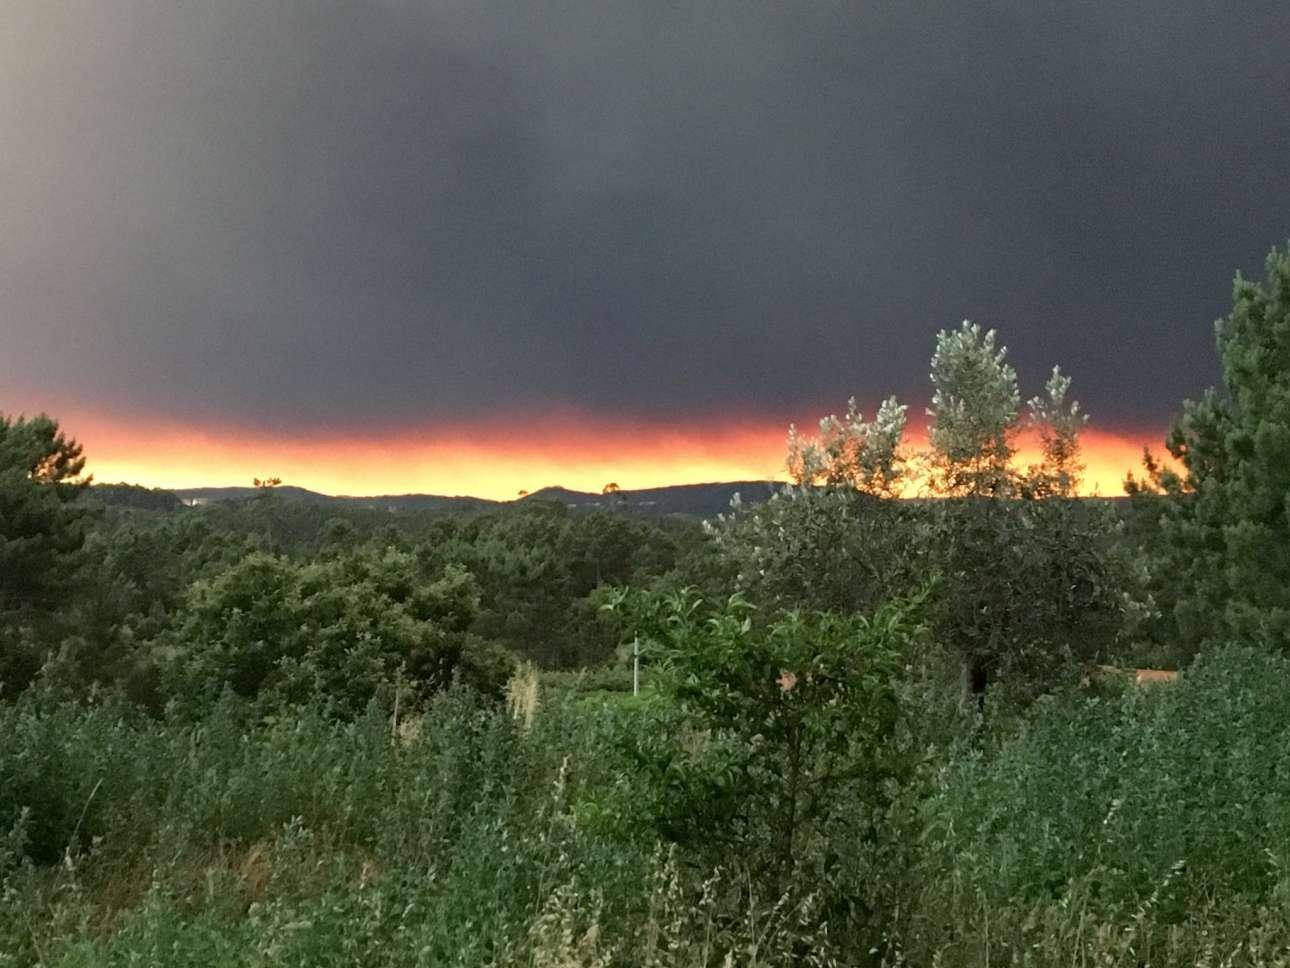 Ενα πολύ μεσογειακό -γνώριμο σε εμάς- τοπίο που απειλείται από φλόγες που λάμπουν στο φόντο